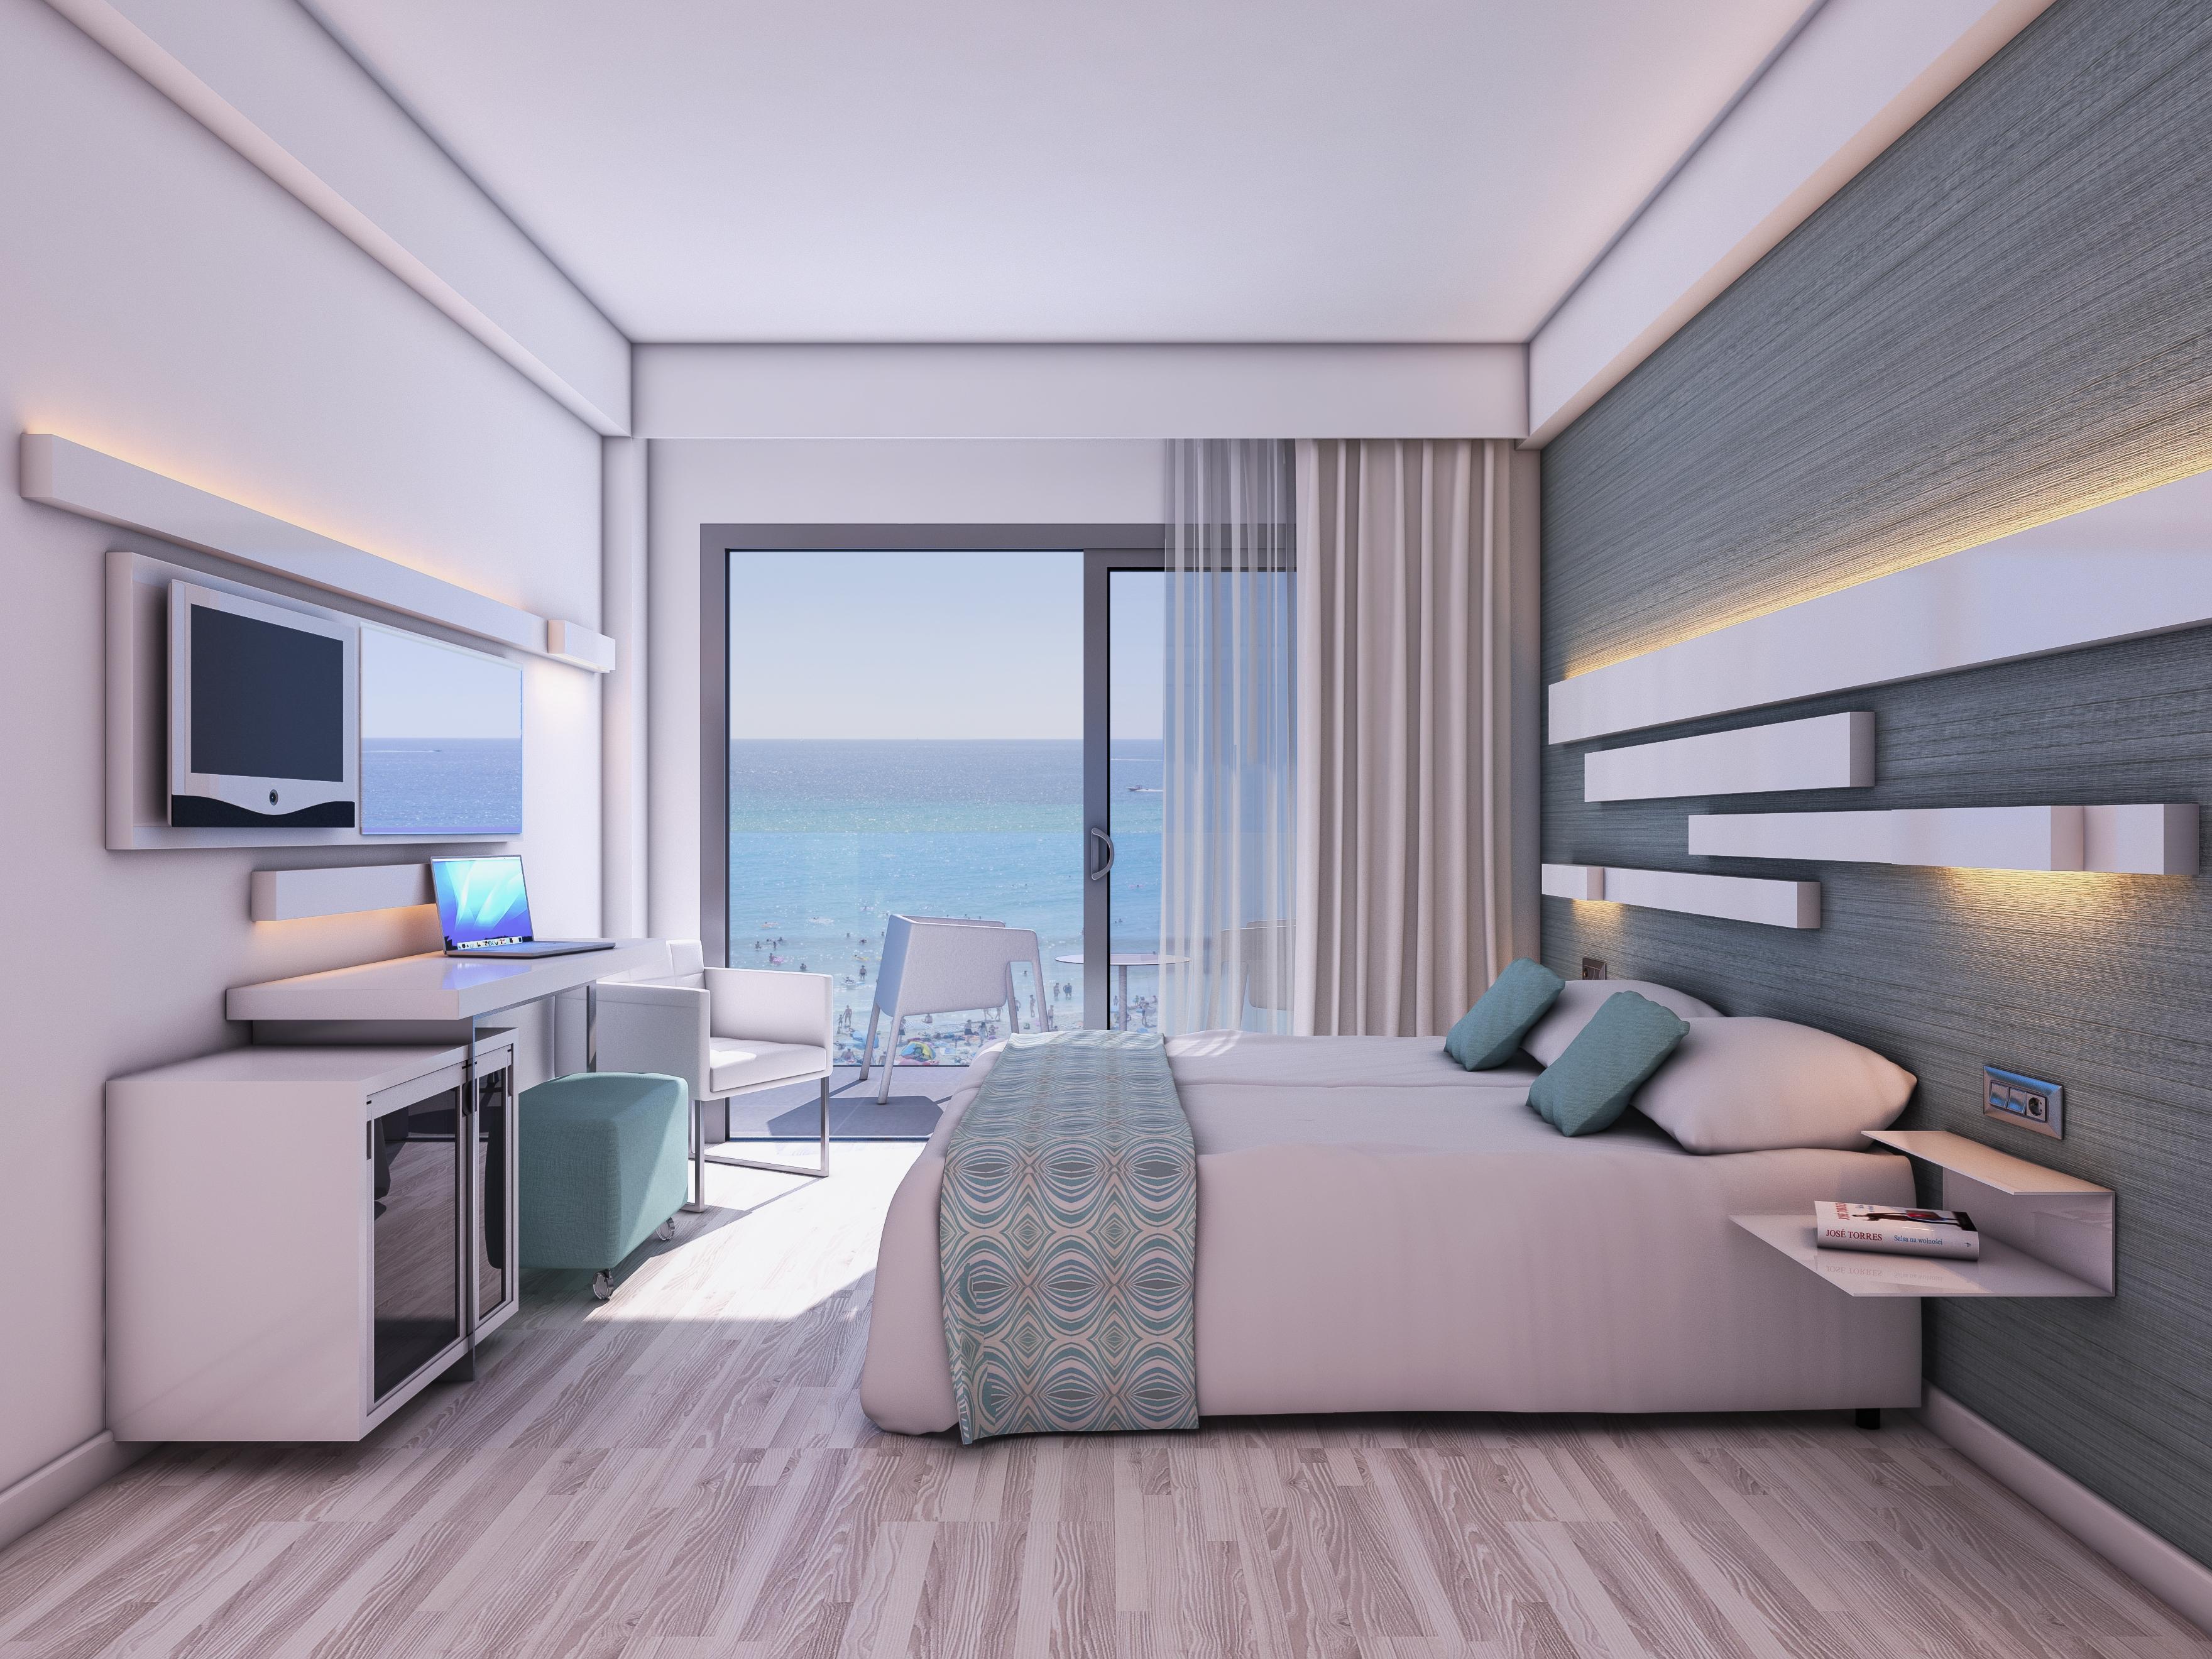 Pauschalreisen mit alltours alles aber g nstig for Design hotel kuba